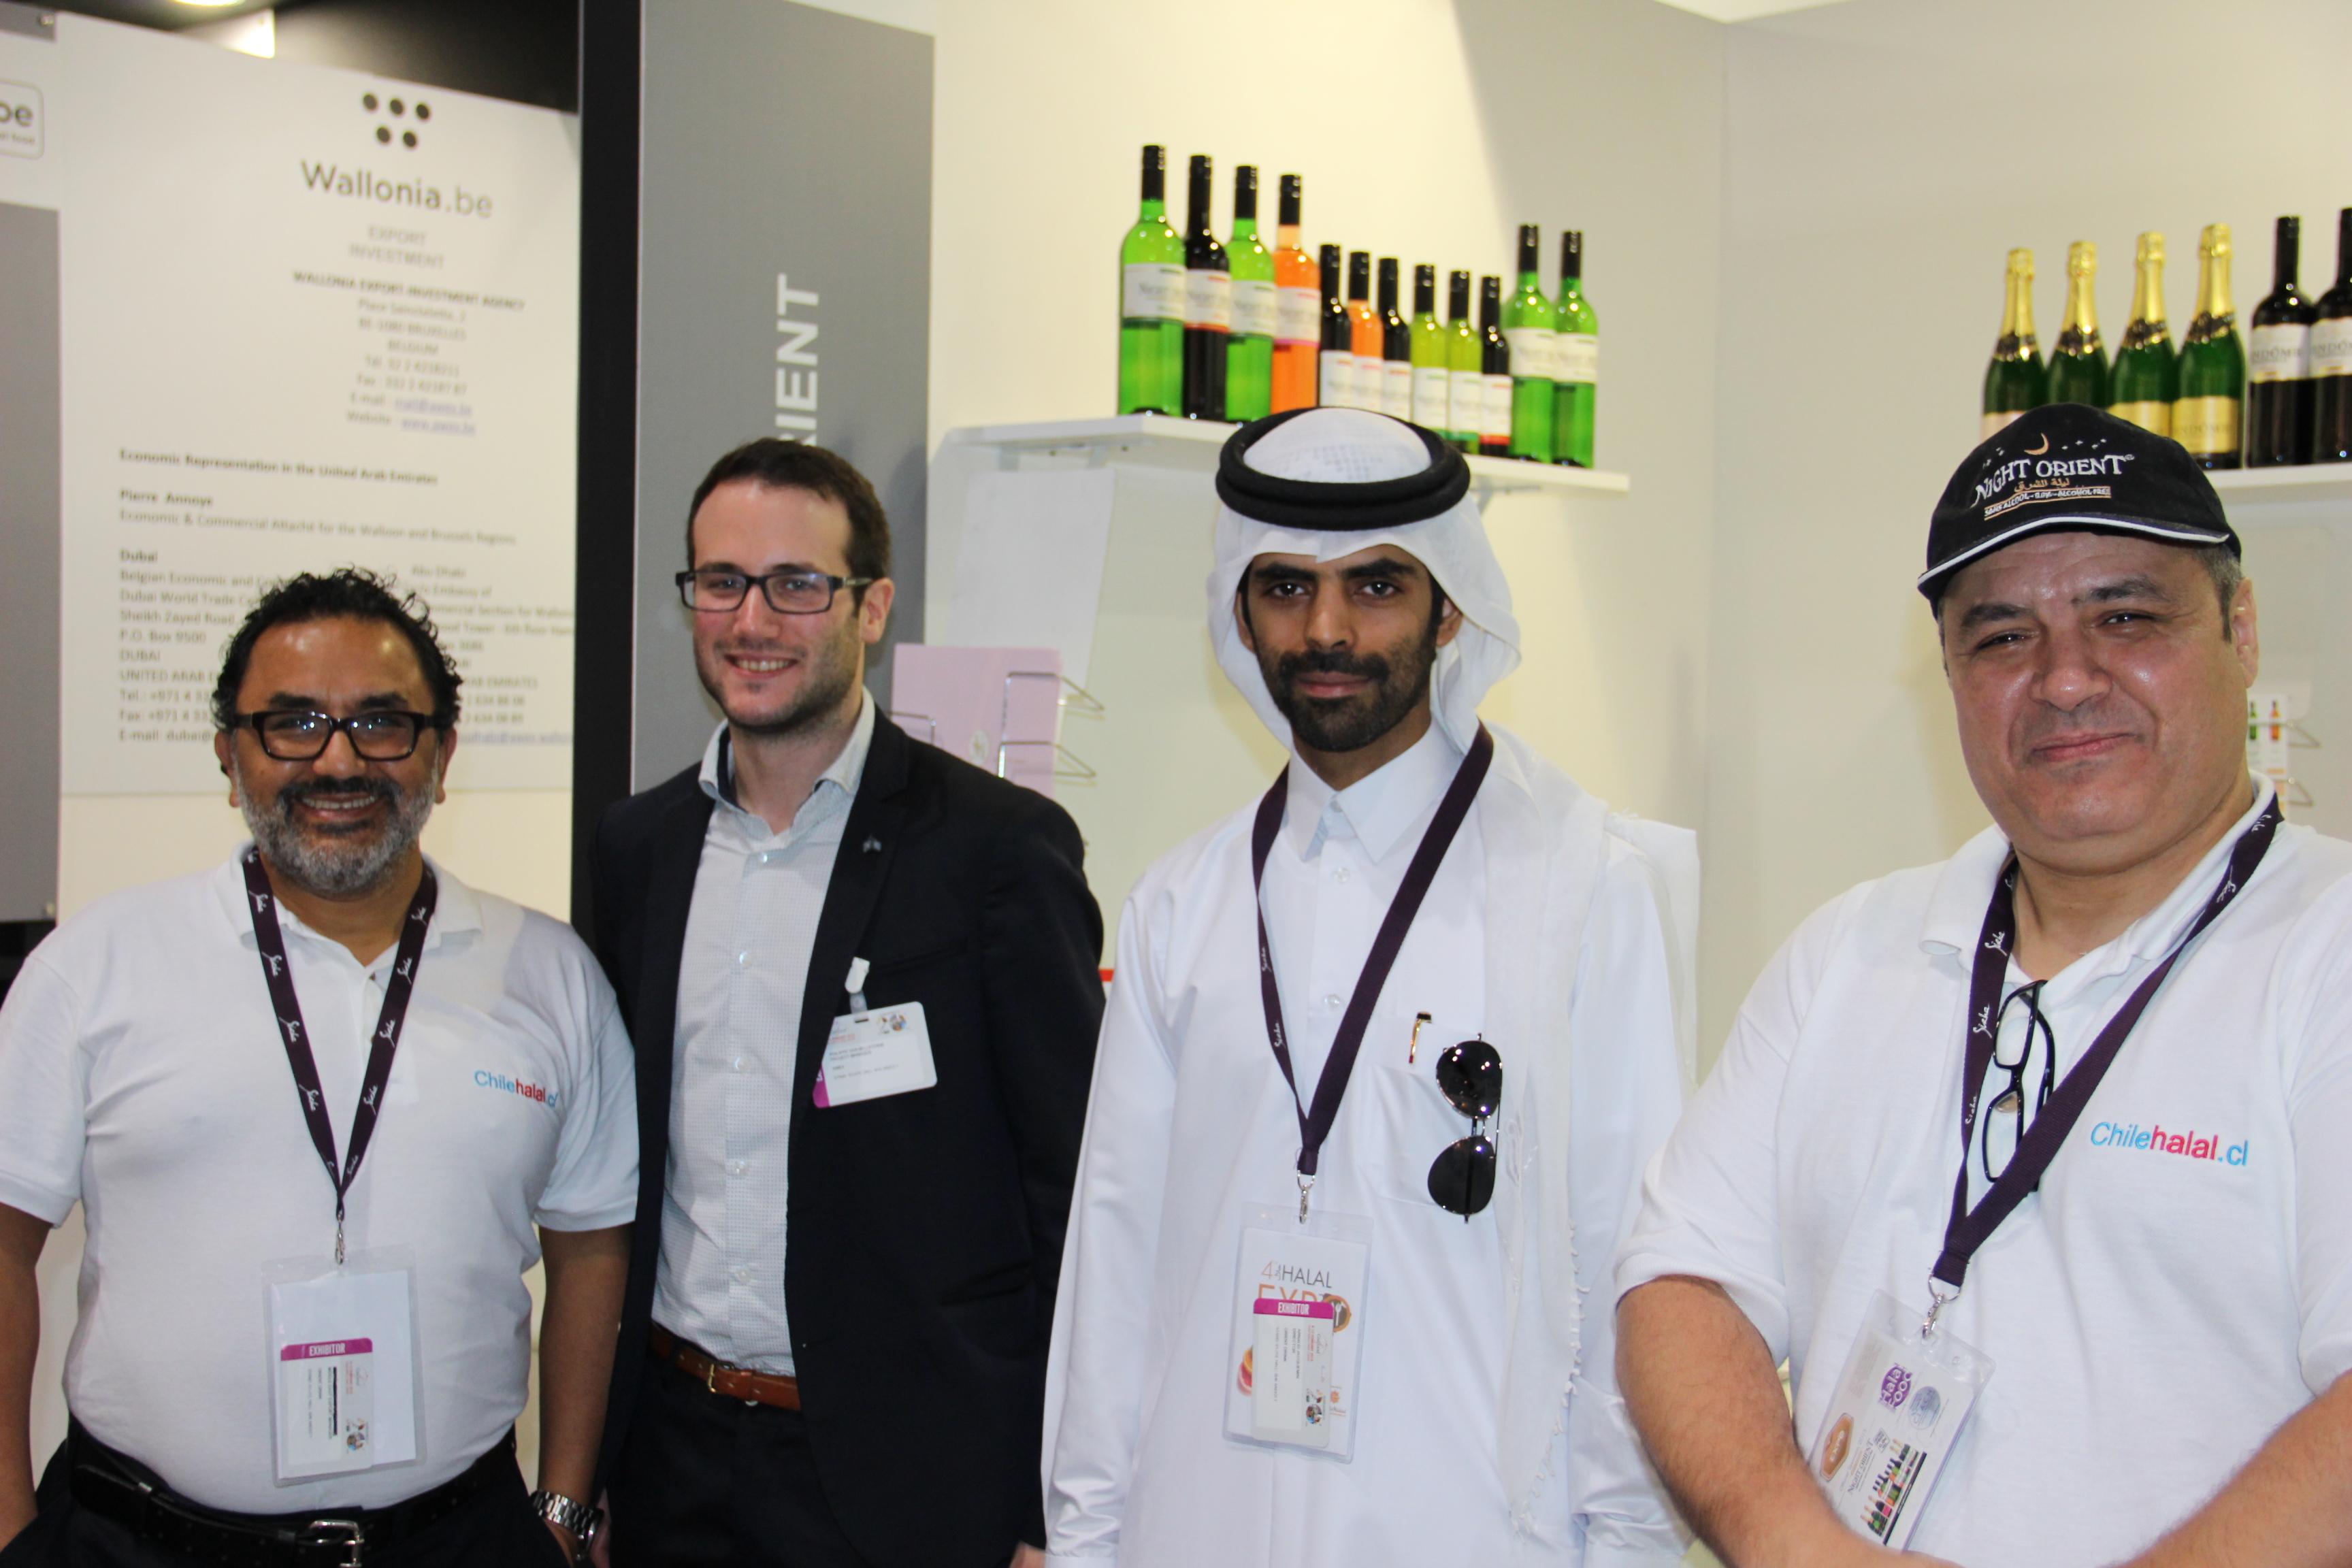 Chilehalal en Gulfood 2015 en Dubaï